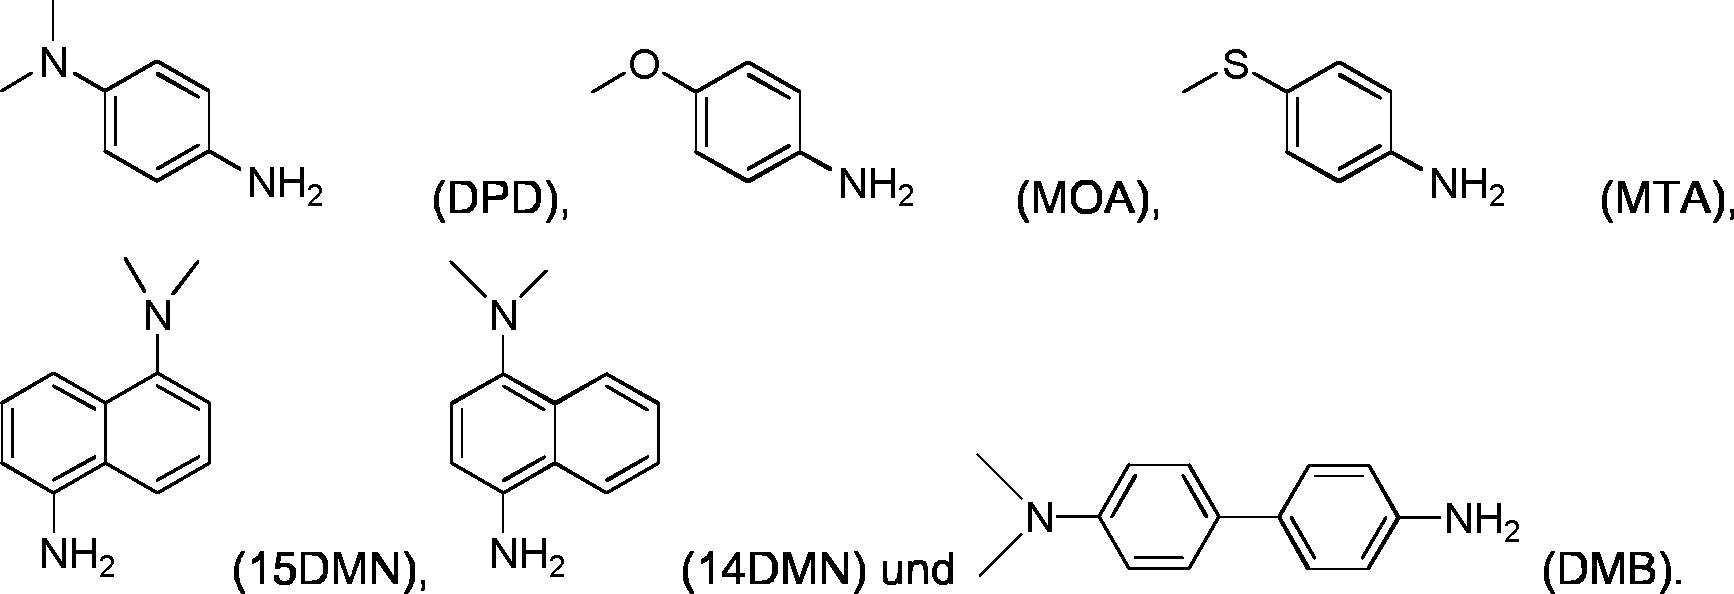 Figure DE112014004152T5_0024